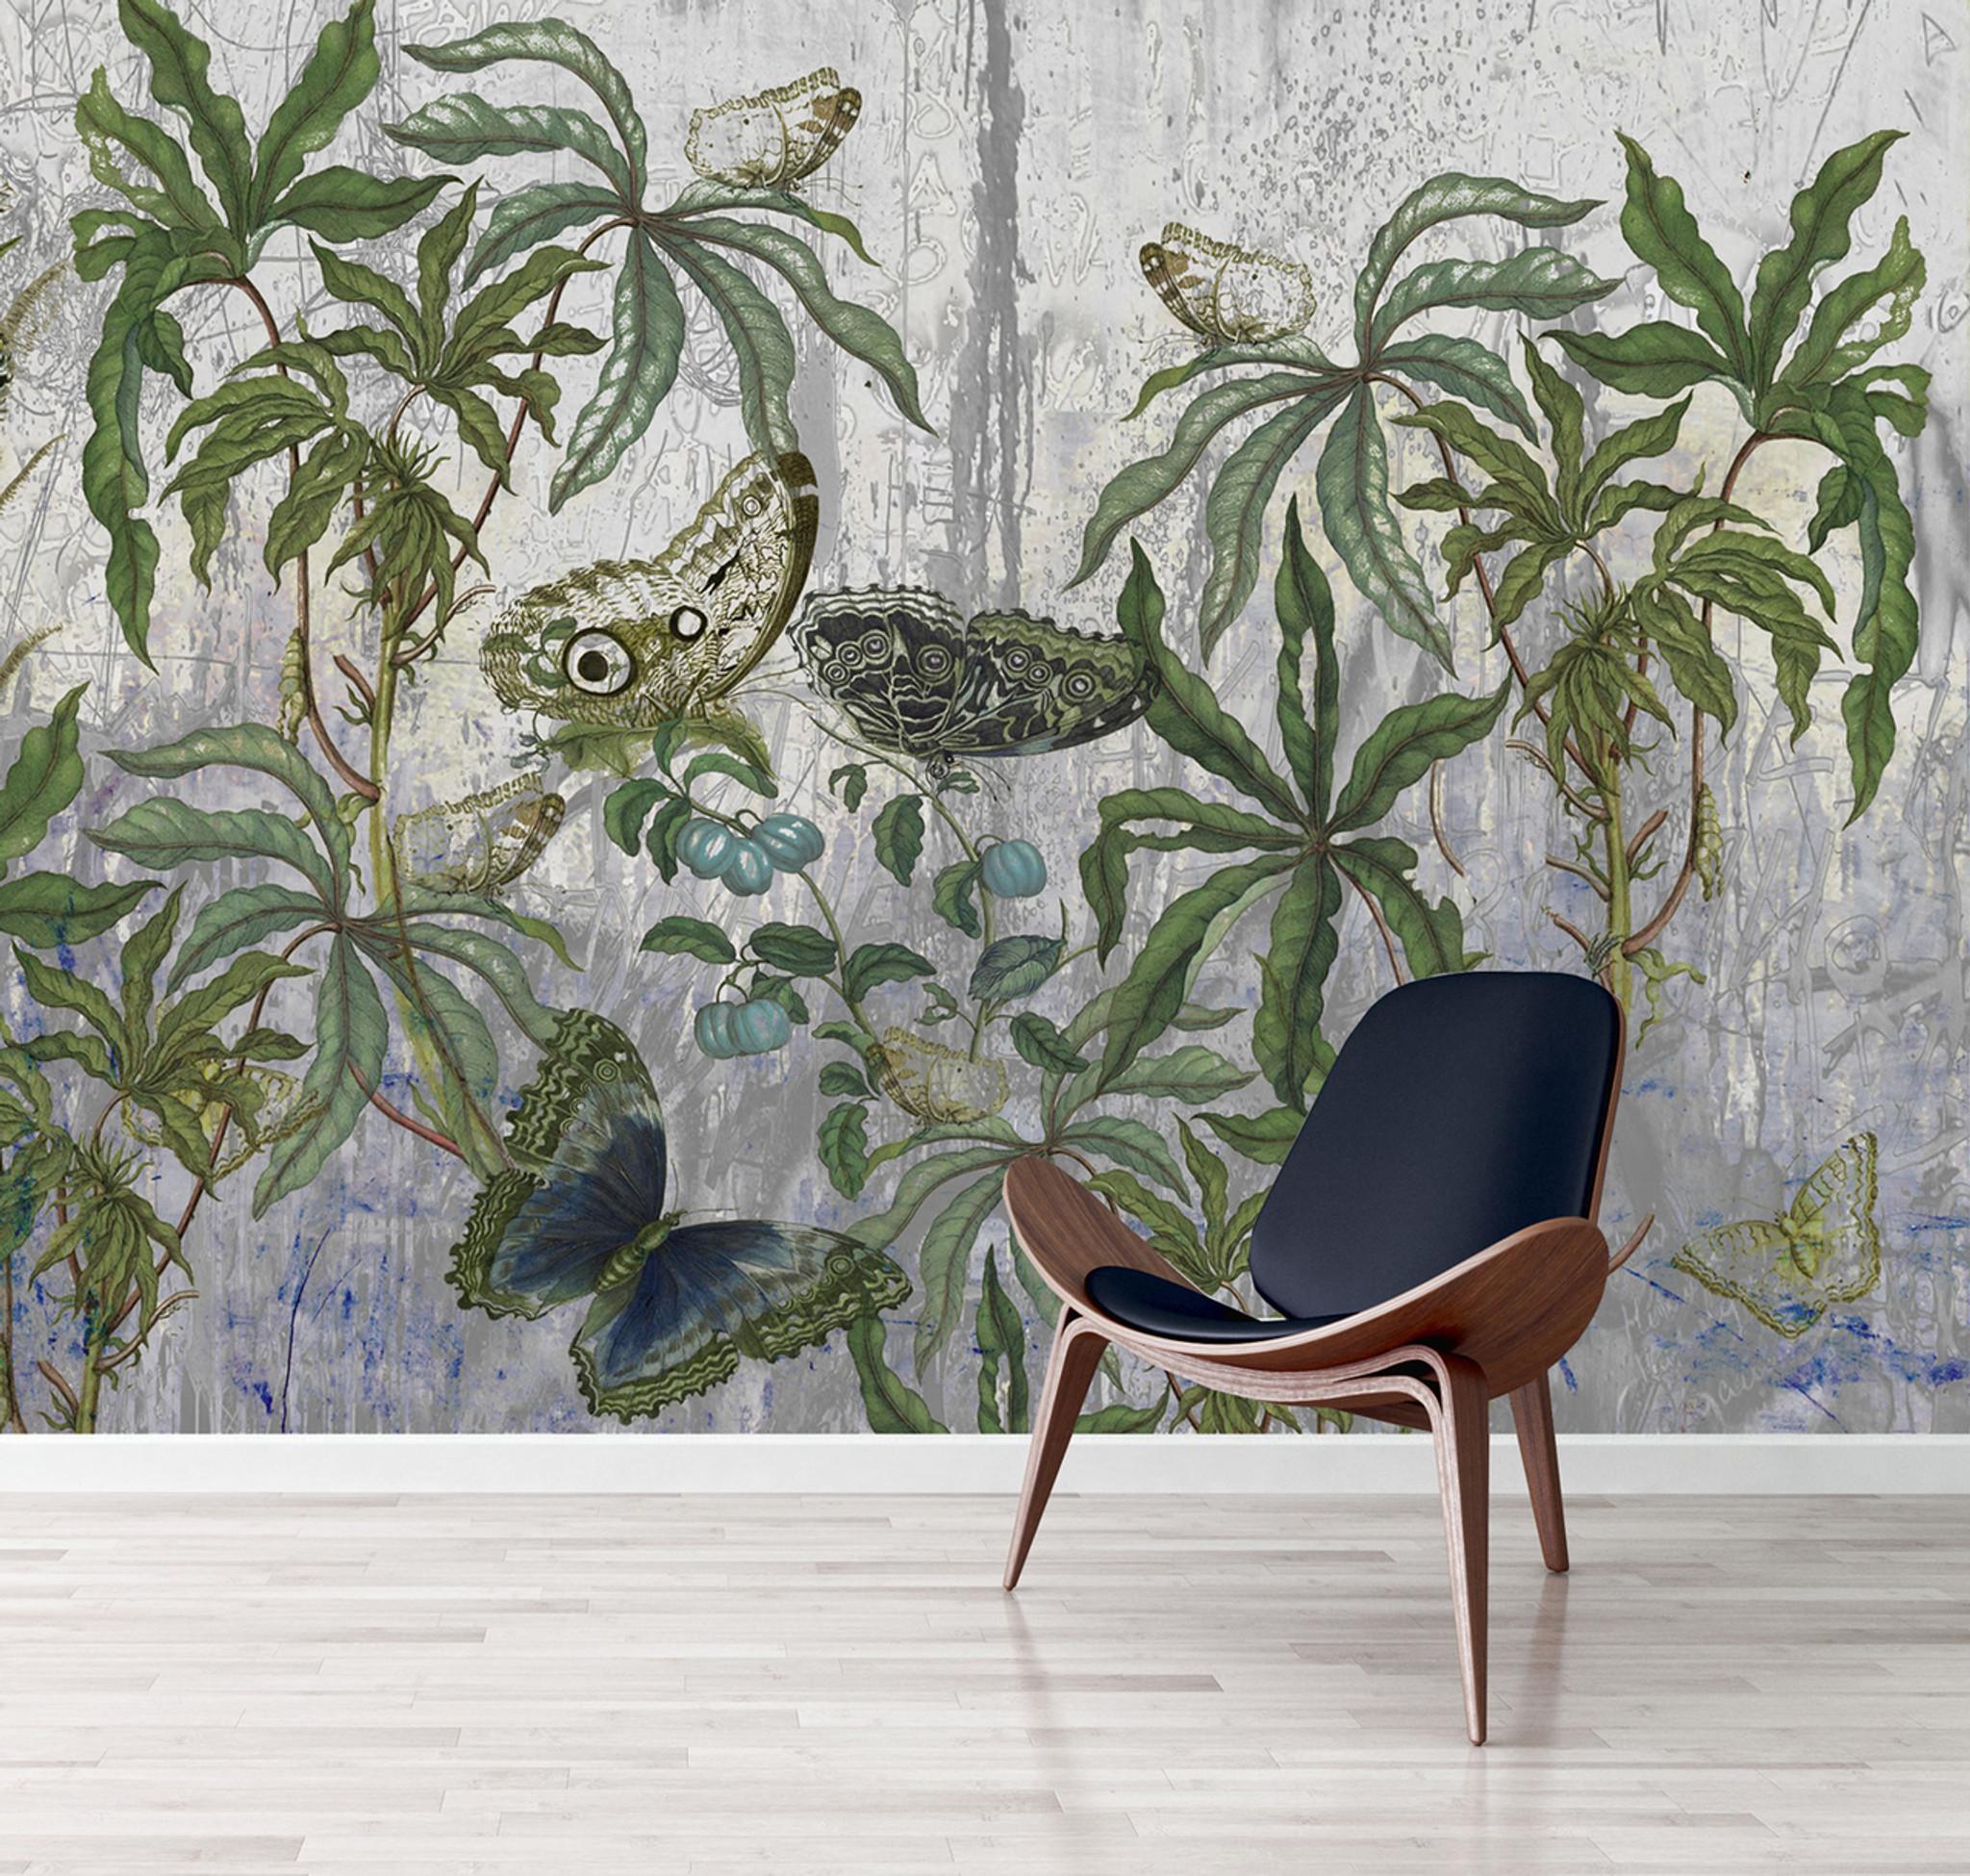 Wallpaper - Plein Air Dining